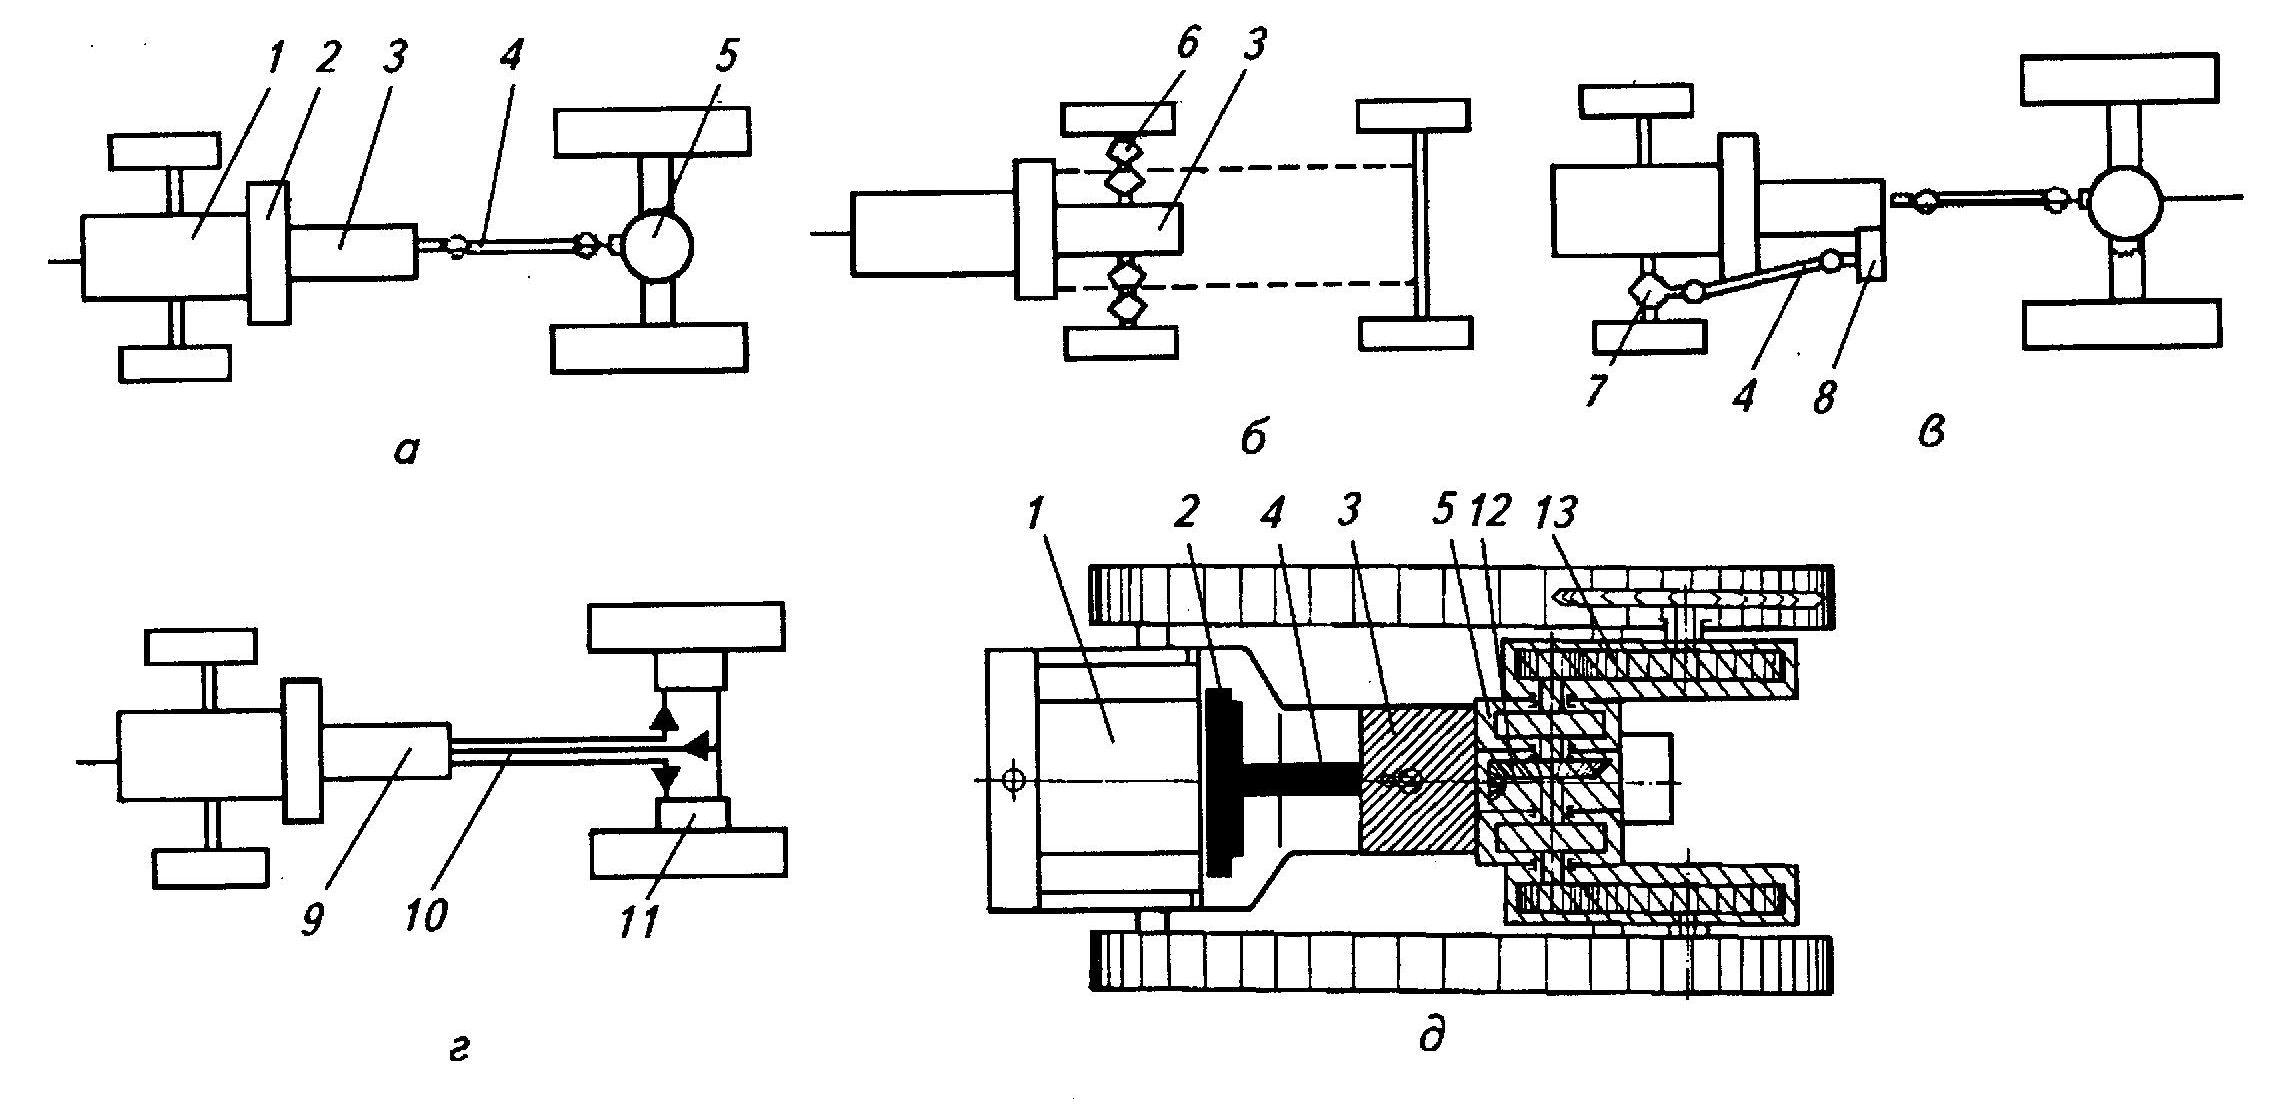 газ 31105 схема дифференциала